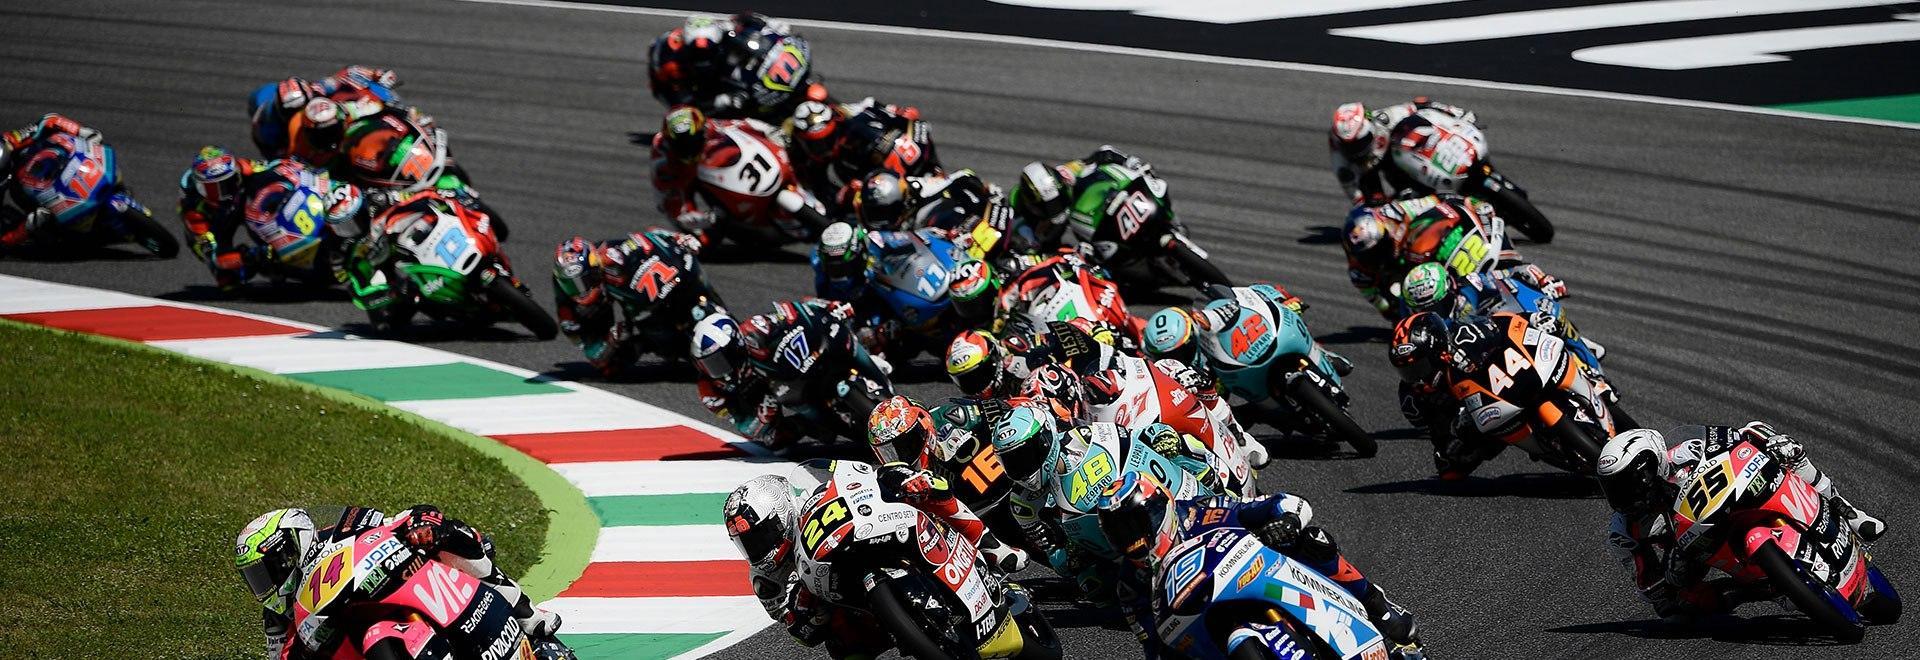 Moto3 Misano. Race 1